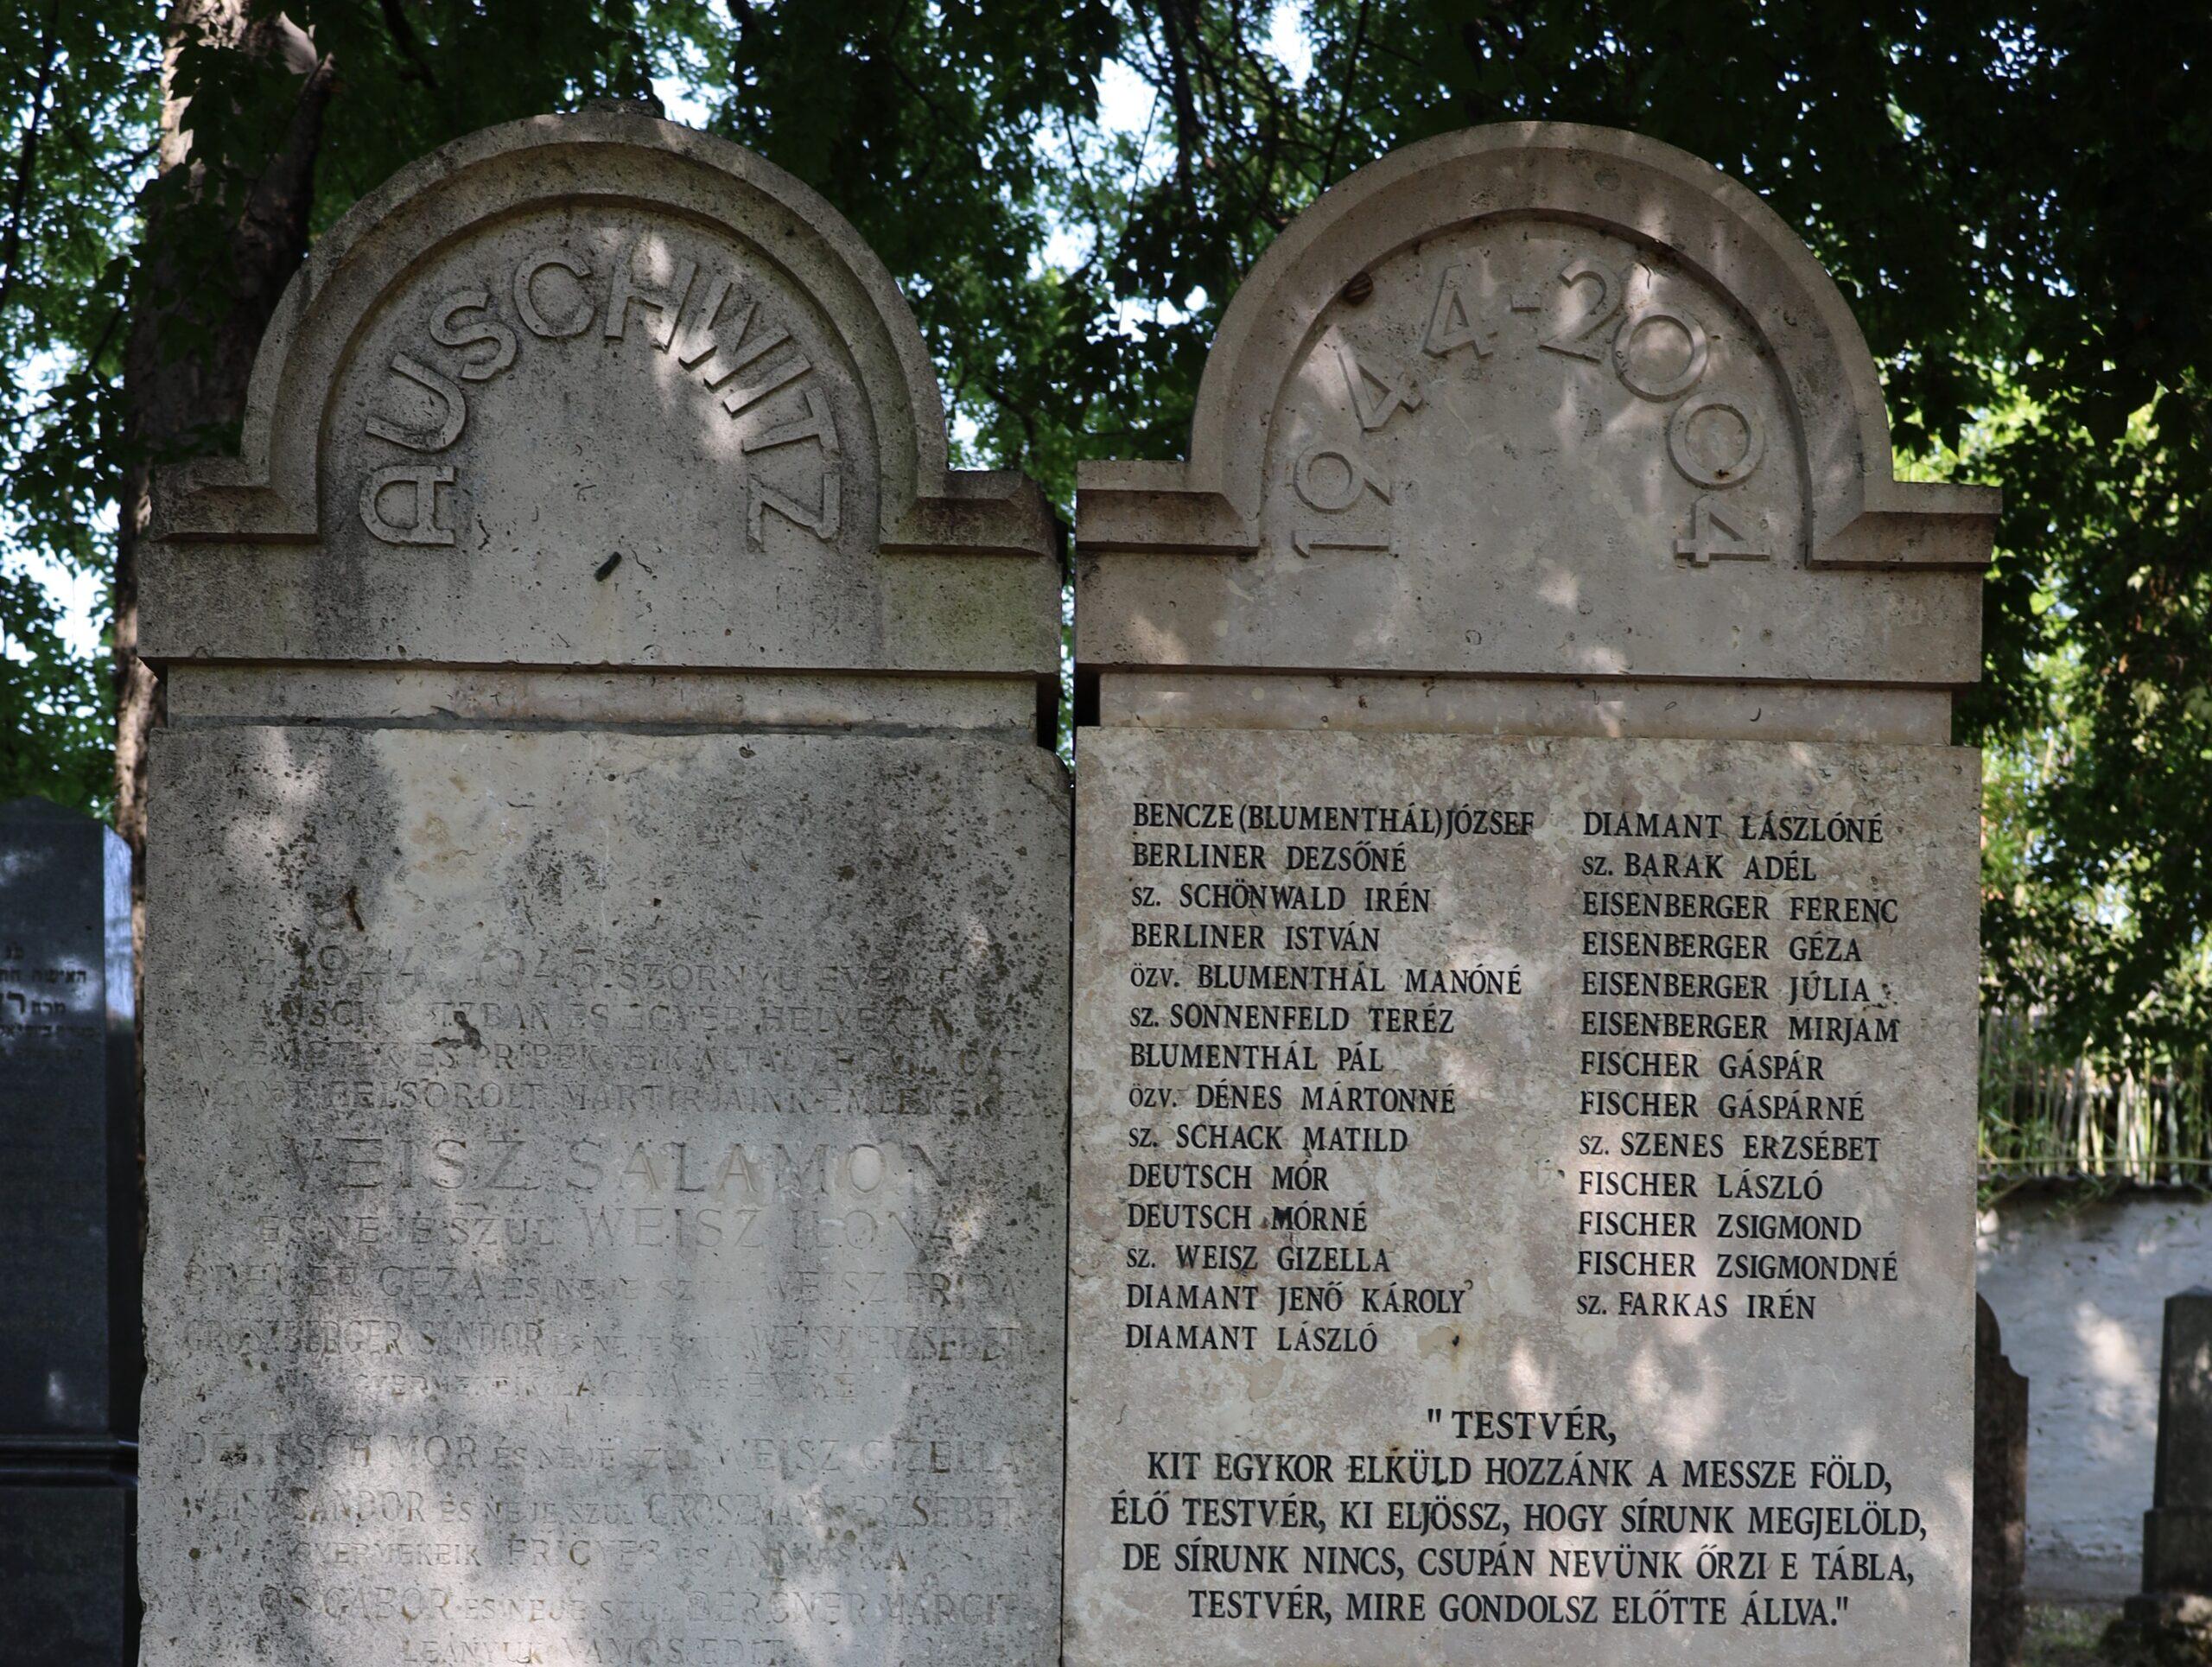 Emlékezés a holokauszt áldozataira